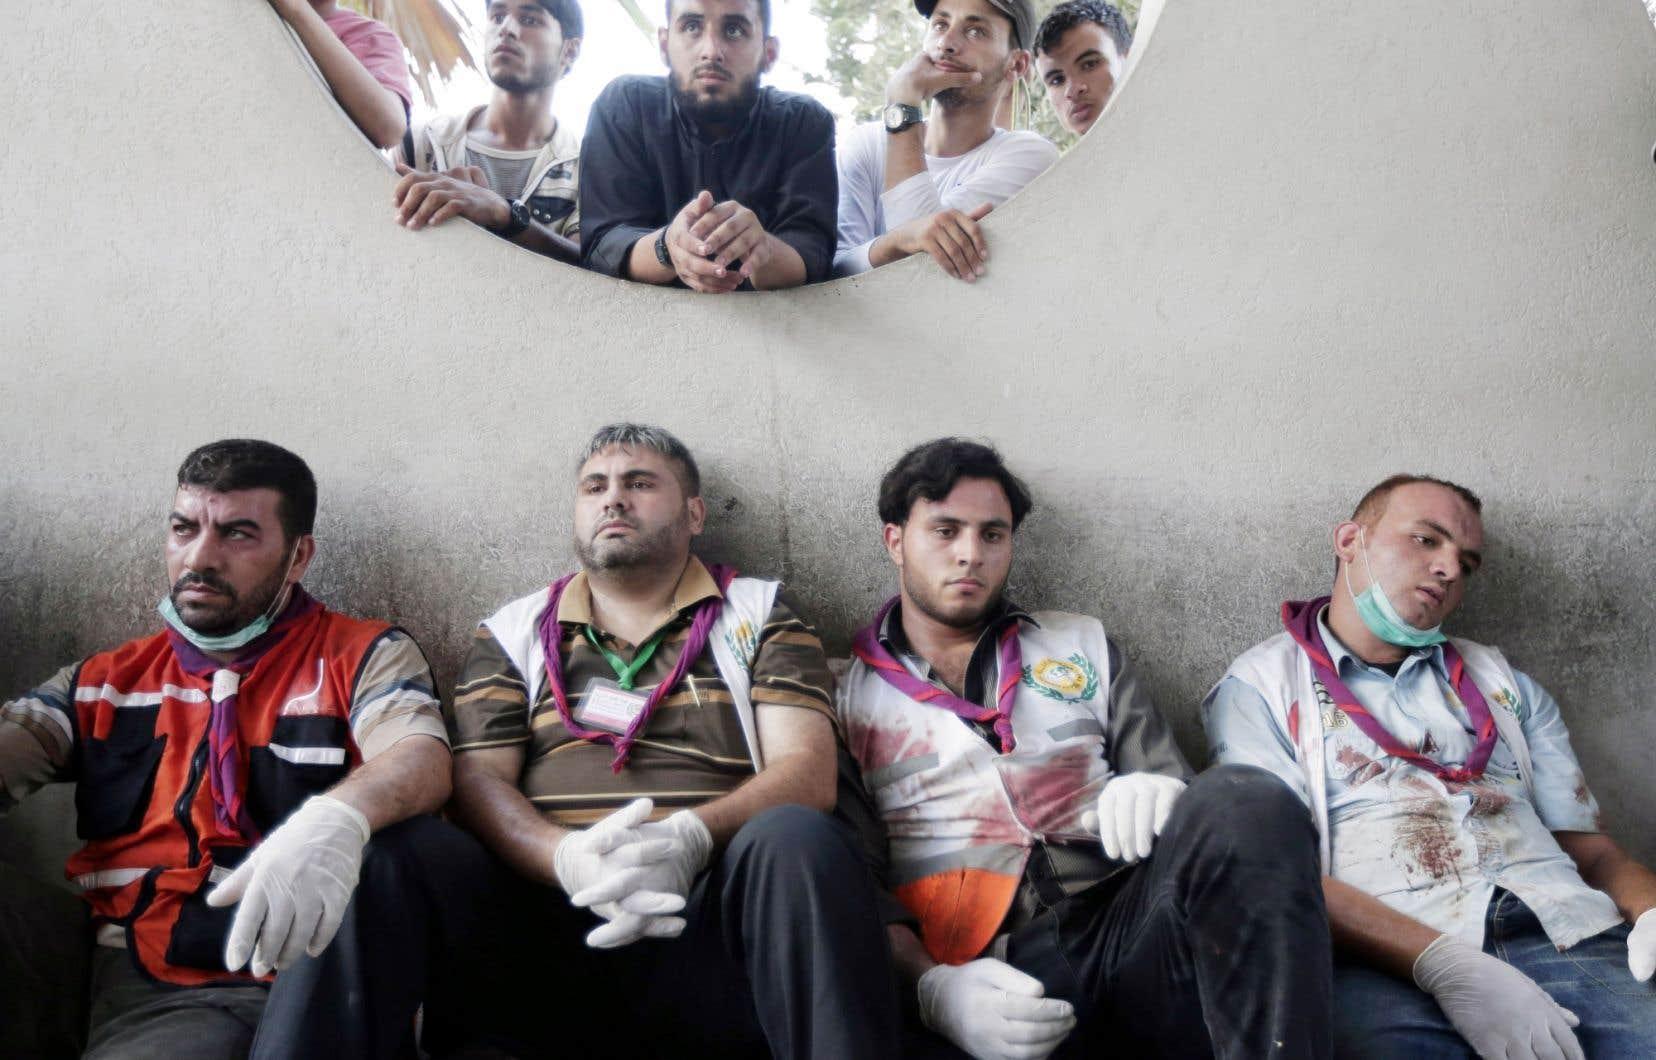 Au cœur d'une journée de cauchemar marquée par des tueries dans un marché et un centre de réfugiés de l'ONU, les ambulanciers palestiniens, appelés à chaque bombardement, exténués, font une pause à l'hôpital Shifa, de Gaza.